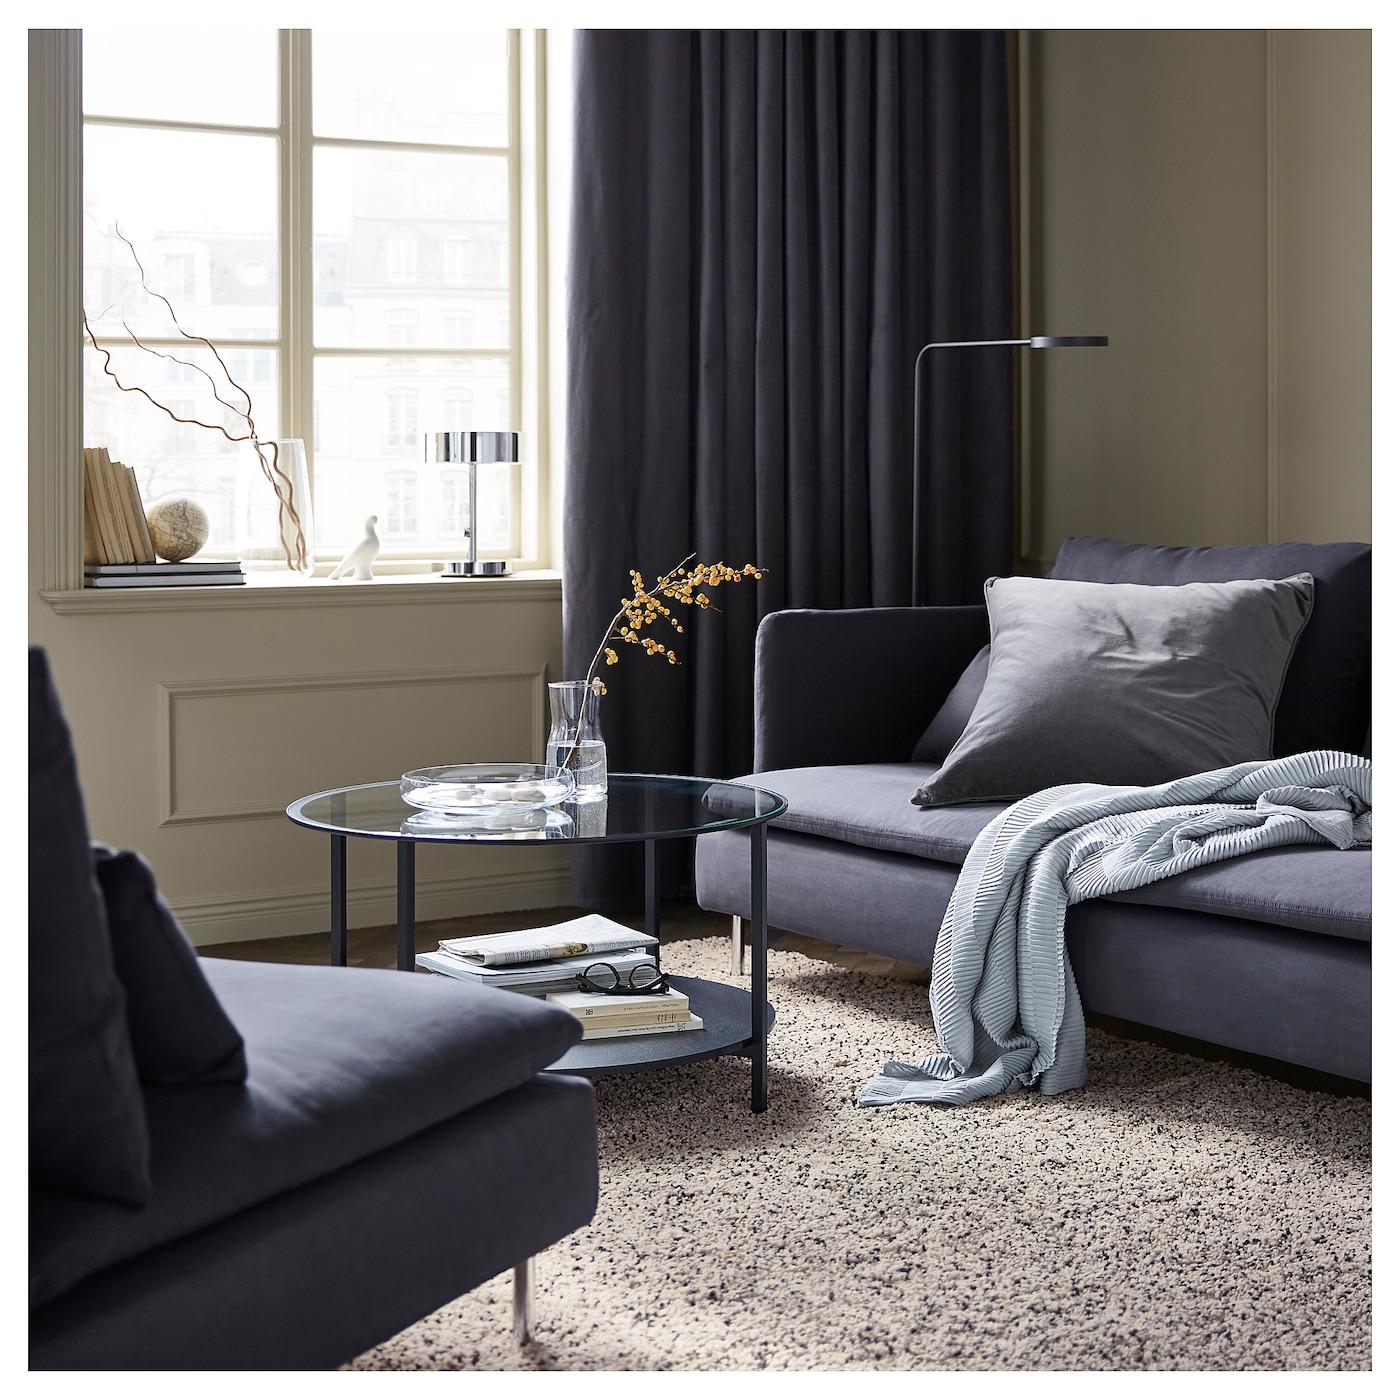 SANELA Gordijnen, 1 paar Grijs 140 x 300 cm - IKEA